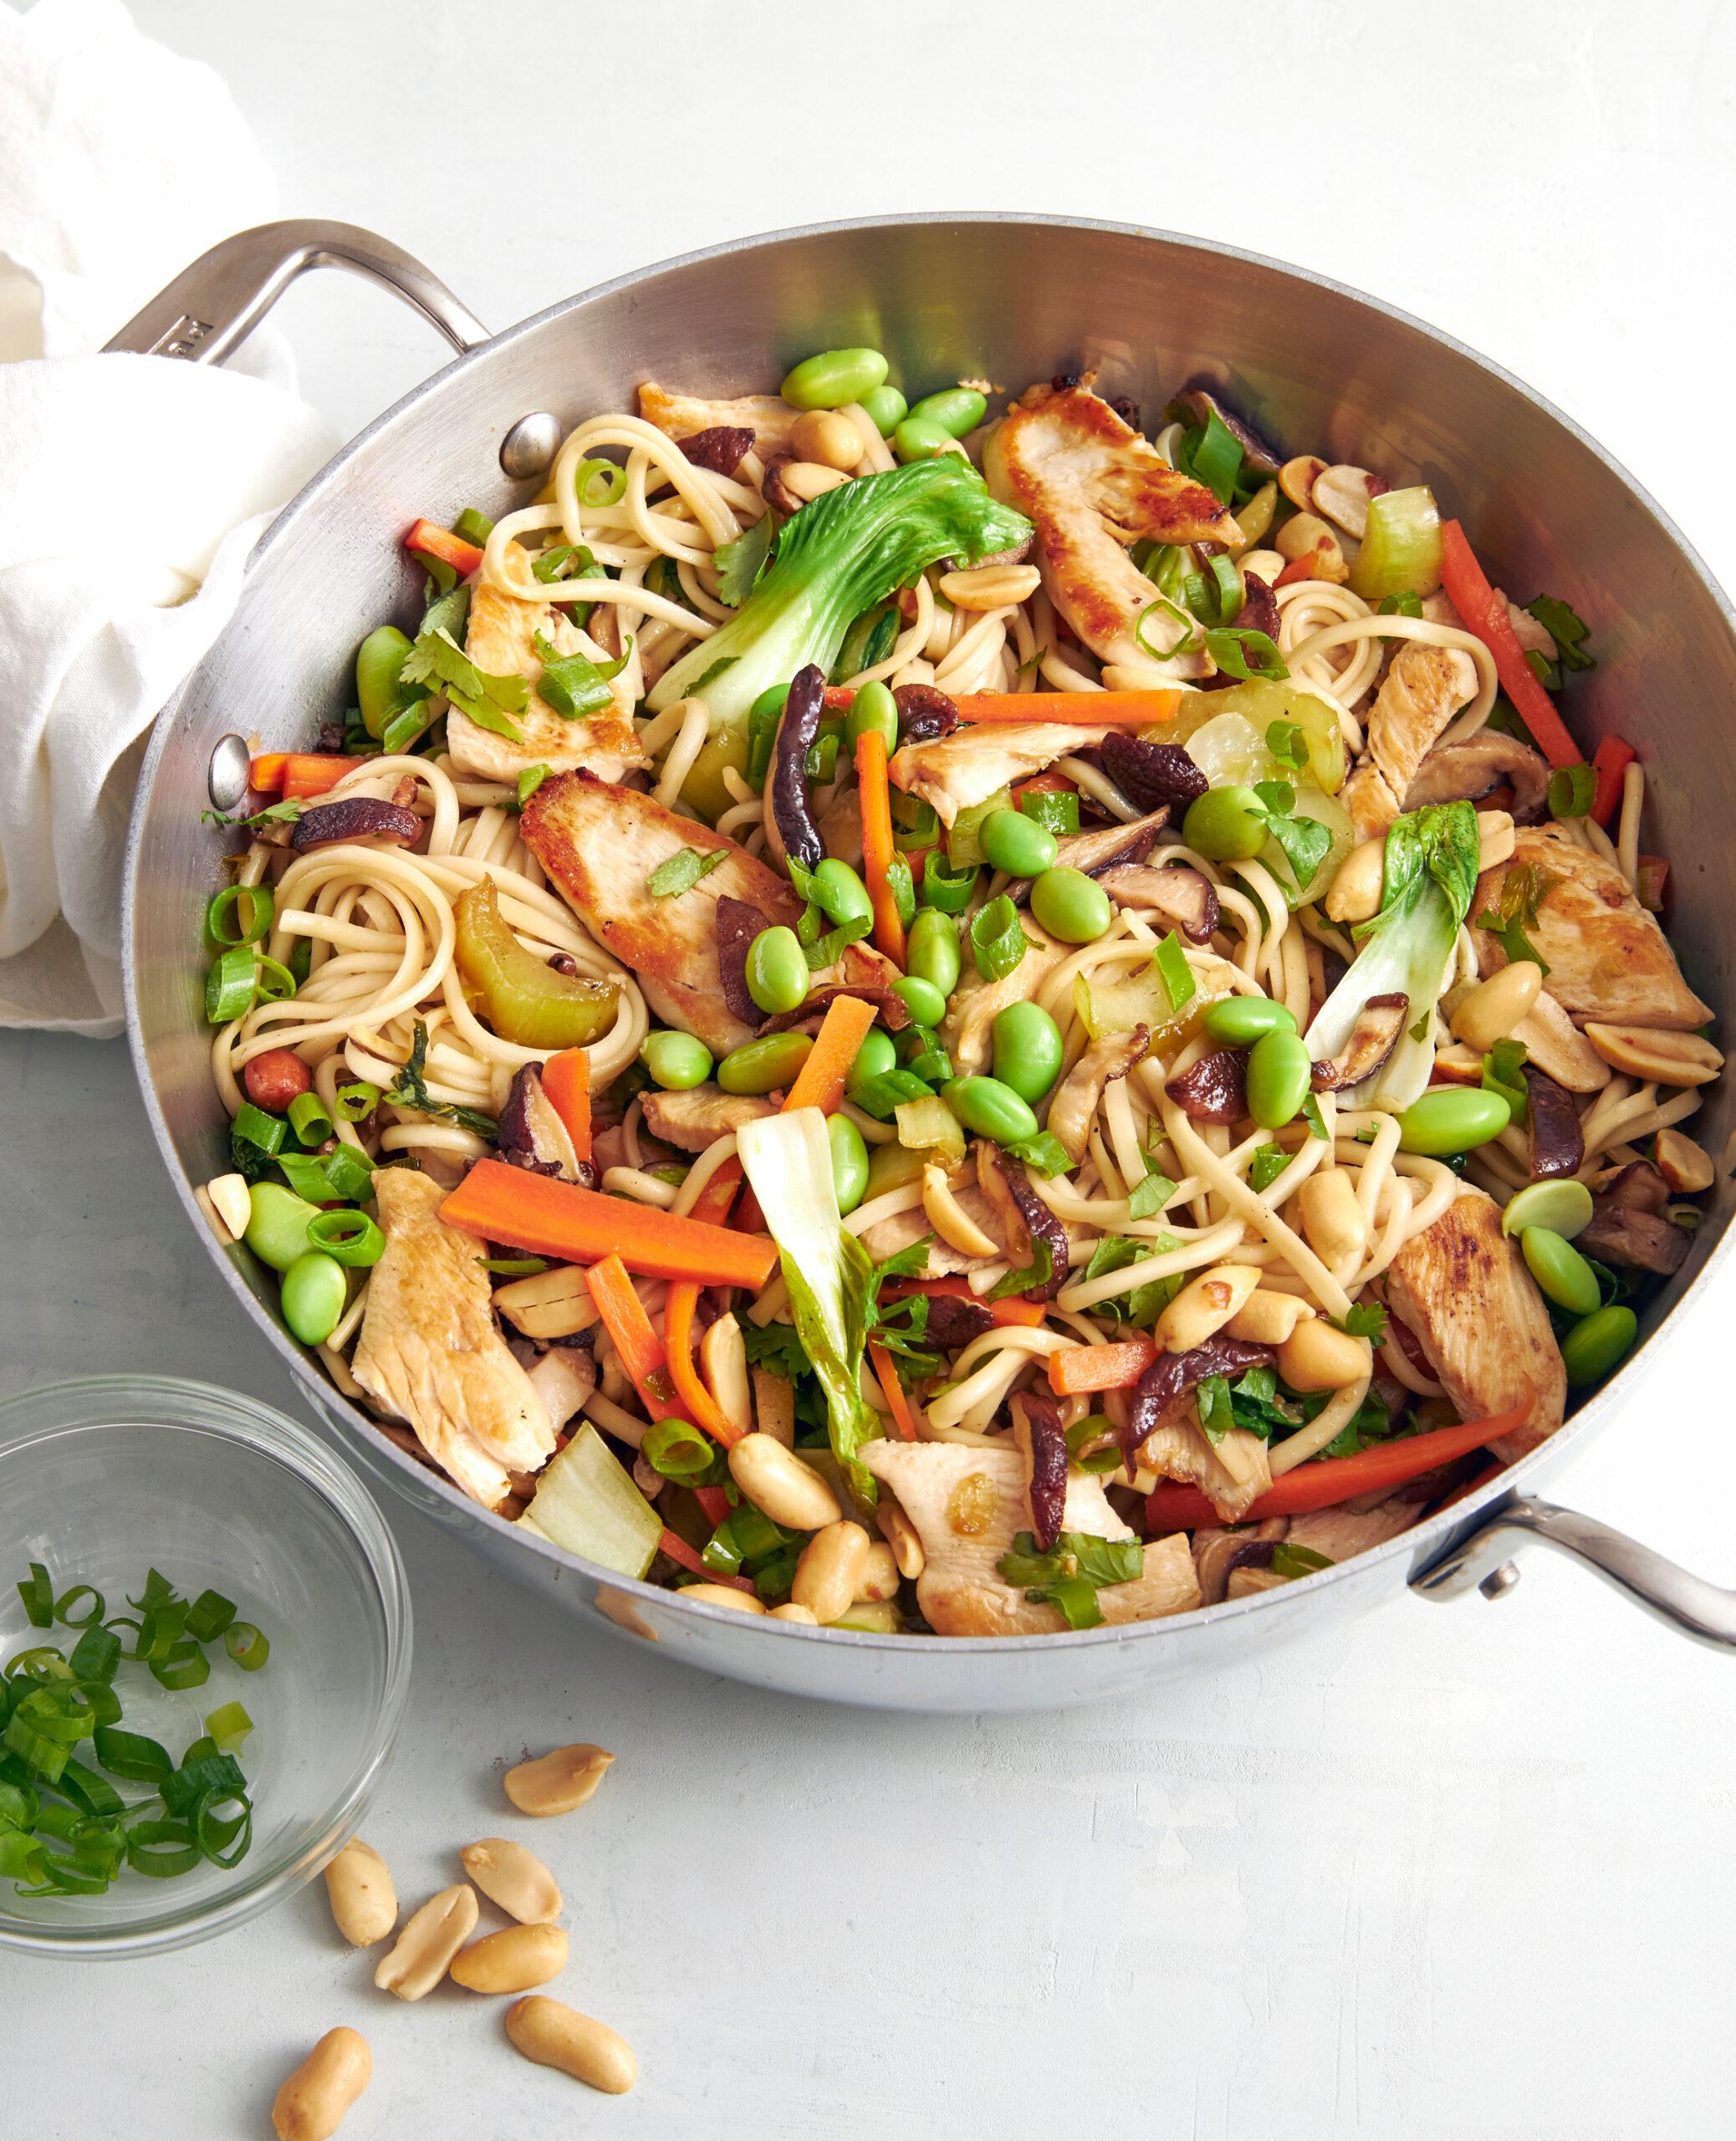 Udon Noodle Recipe Chicken Vegetable Udon Noodle Stir Fry